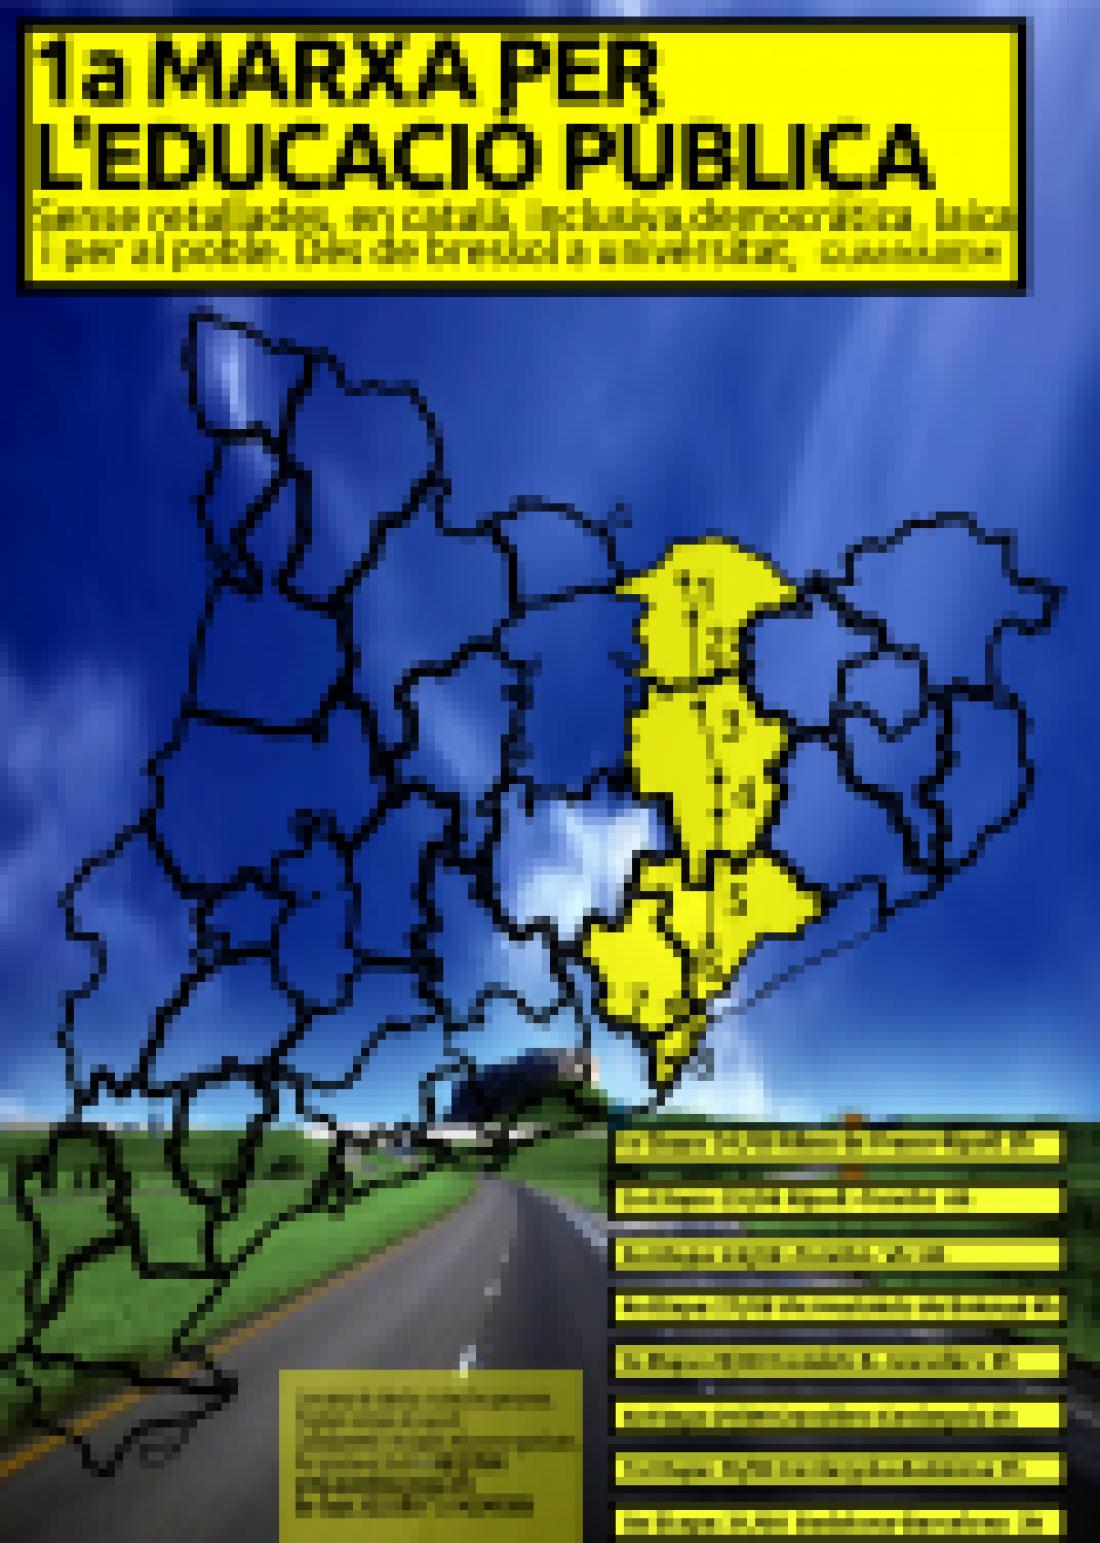 1ª Marcha por la educación pública, de Ribes de Freser a Barcelona, del 24 al 31 de agosto